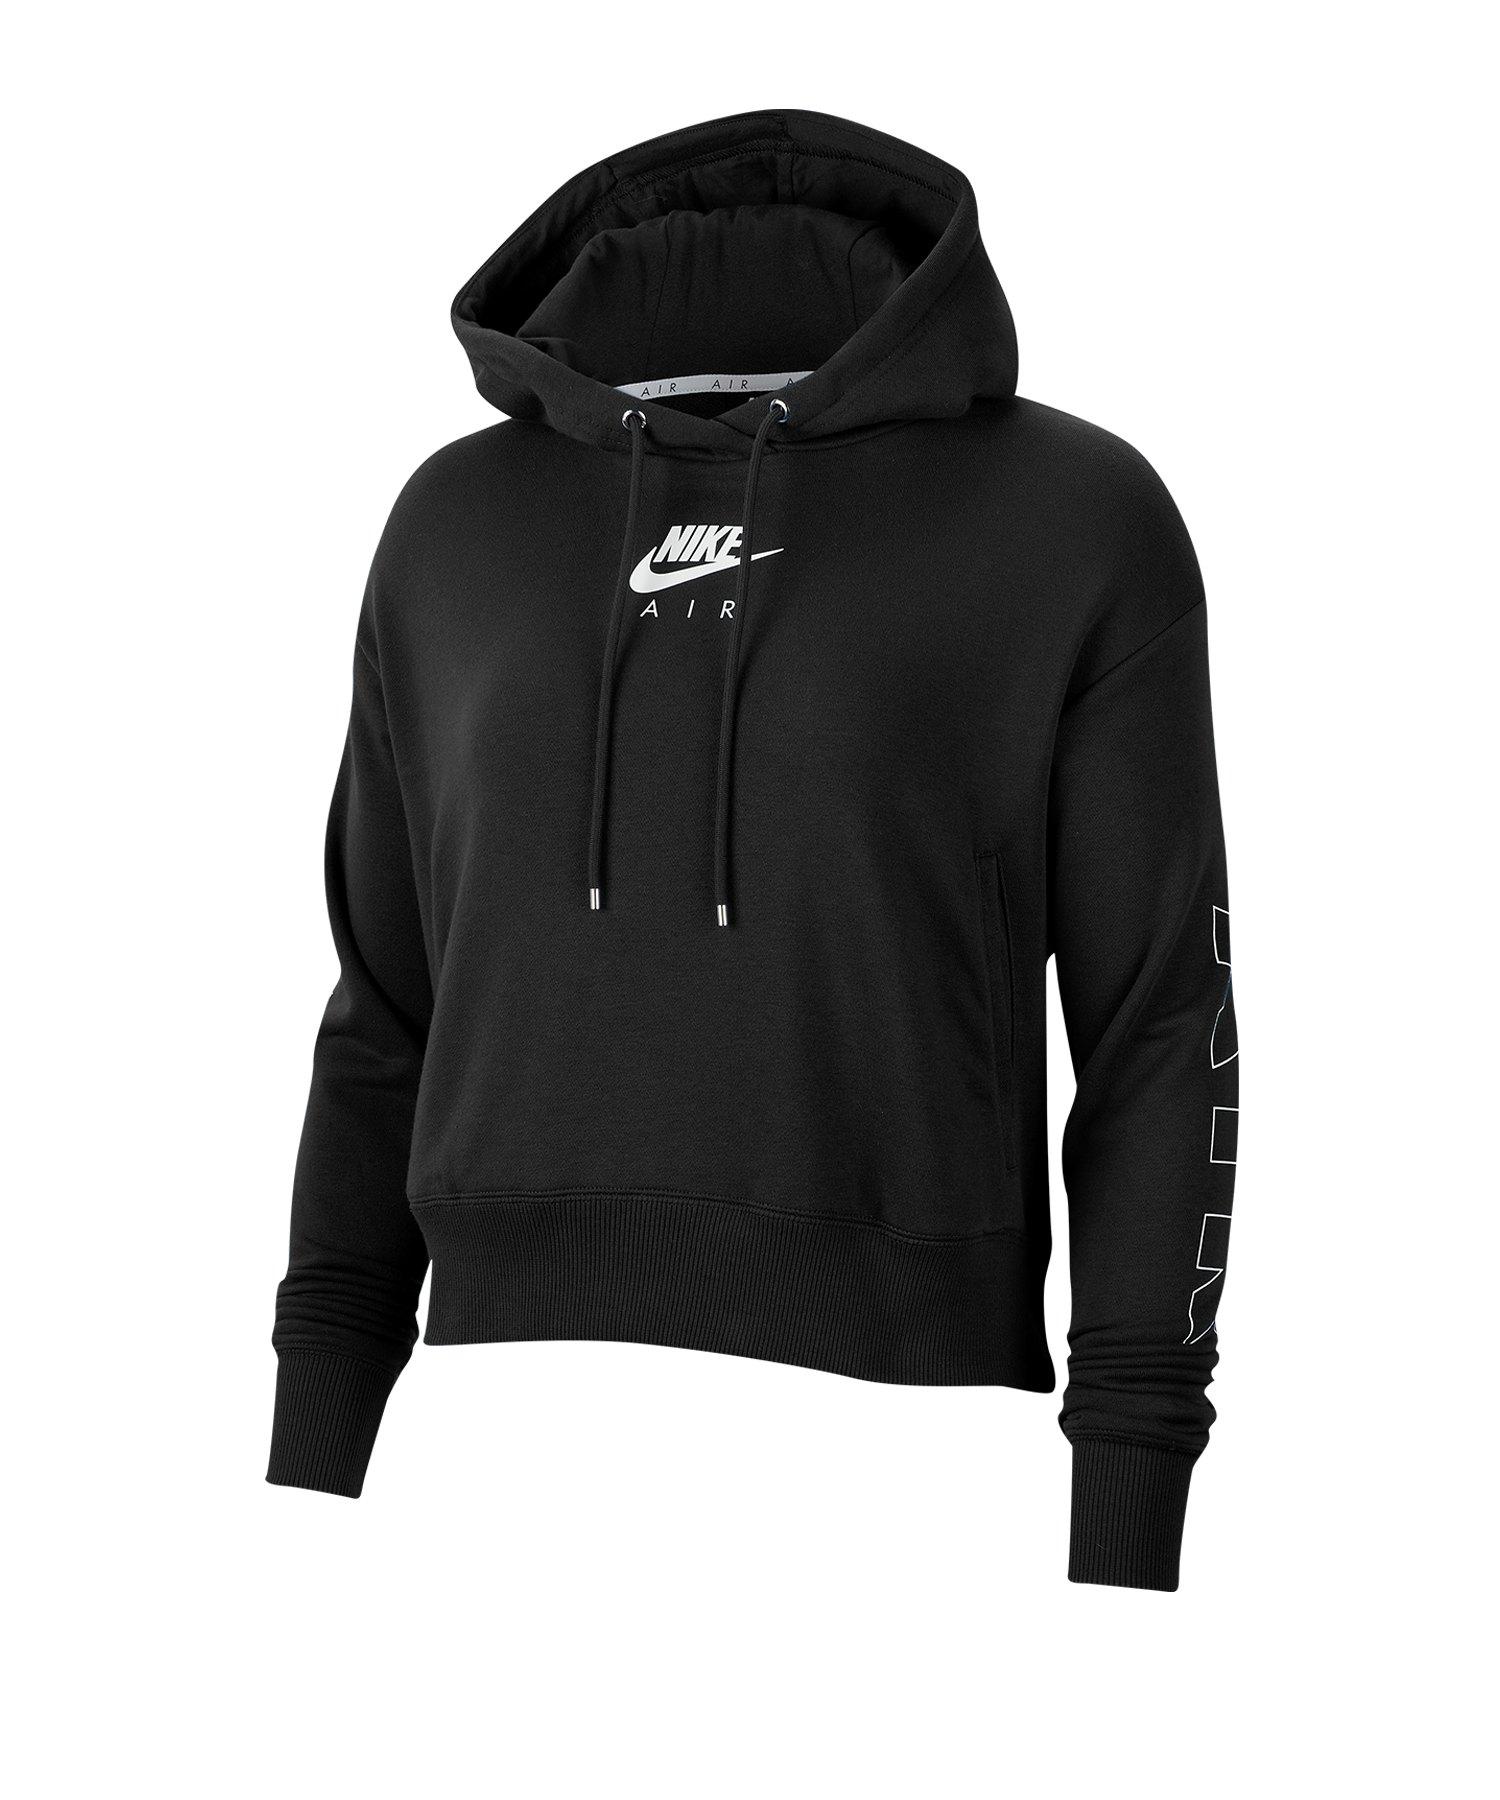 Nike Air Fleece Kapuzensweat Damen Schwarz F010 - schwarz